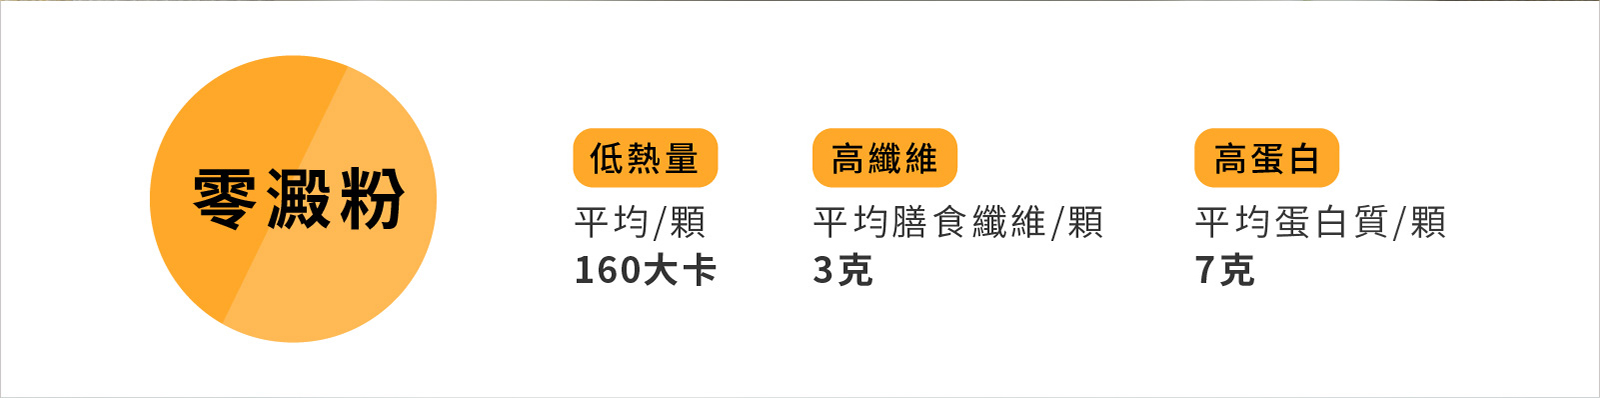 零澱粉-低熱量(平均/顆 160大卡)-高纖維(平均膳食纖維/顆 3克)-高蛋白(平均蛋白質/顆 7克)